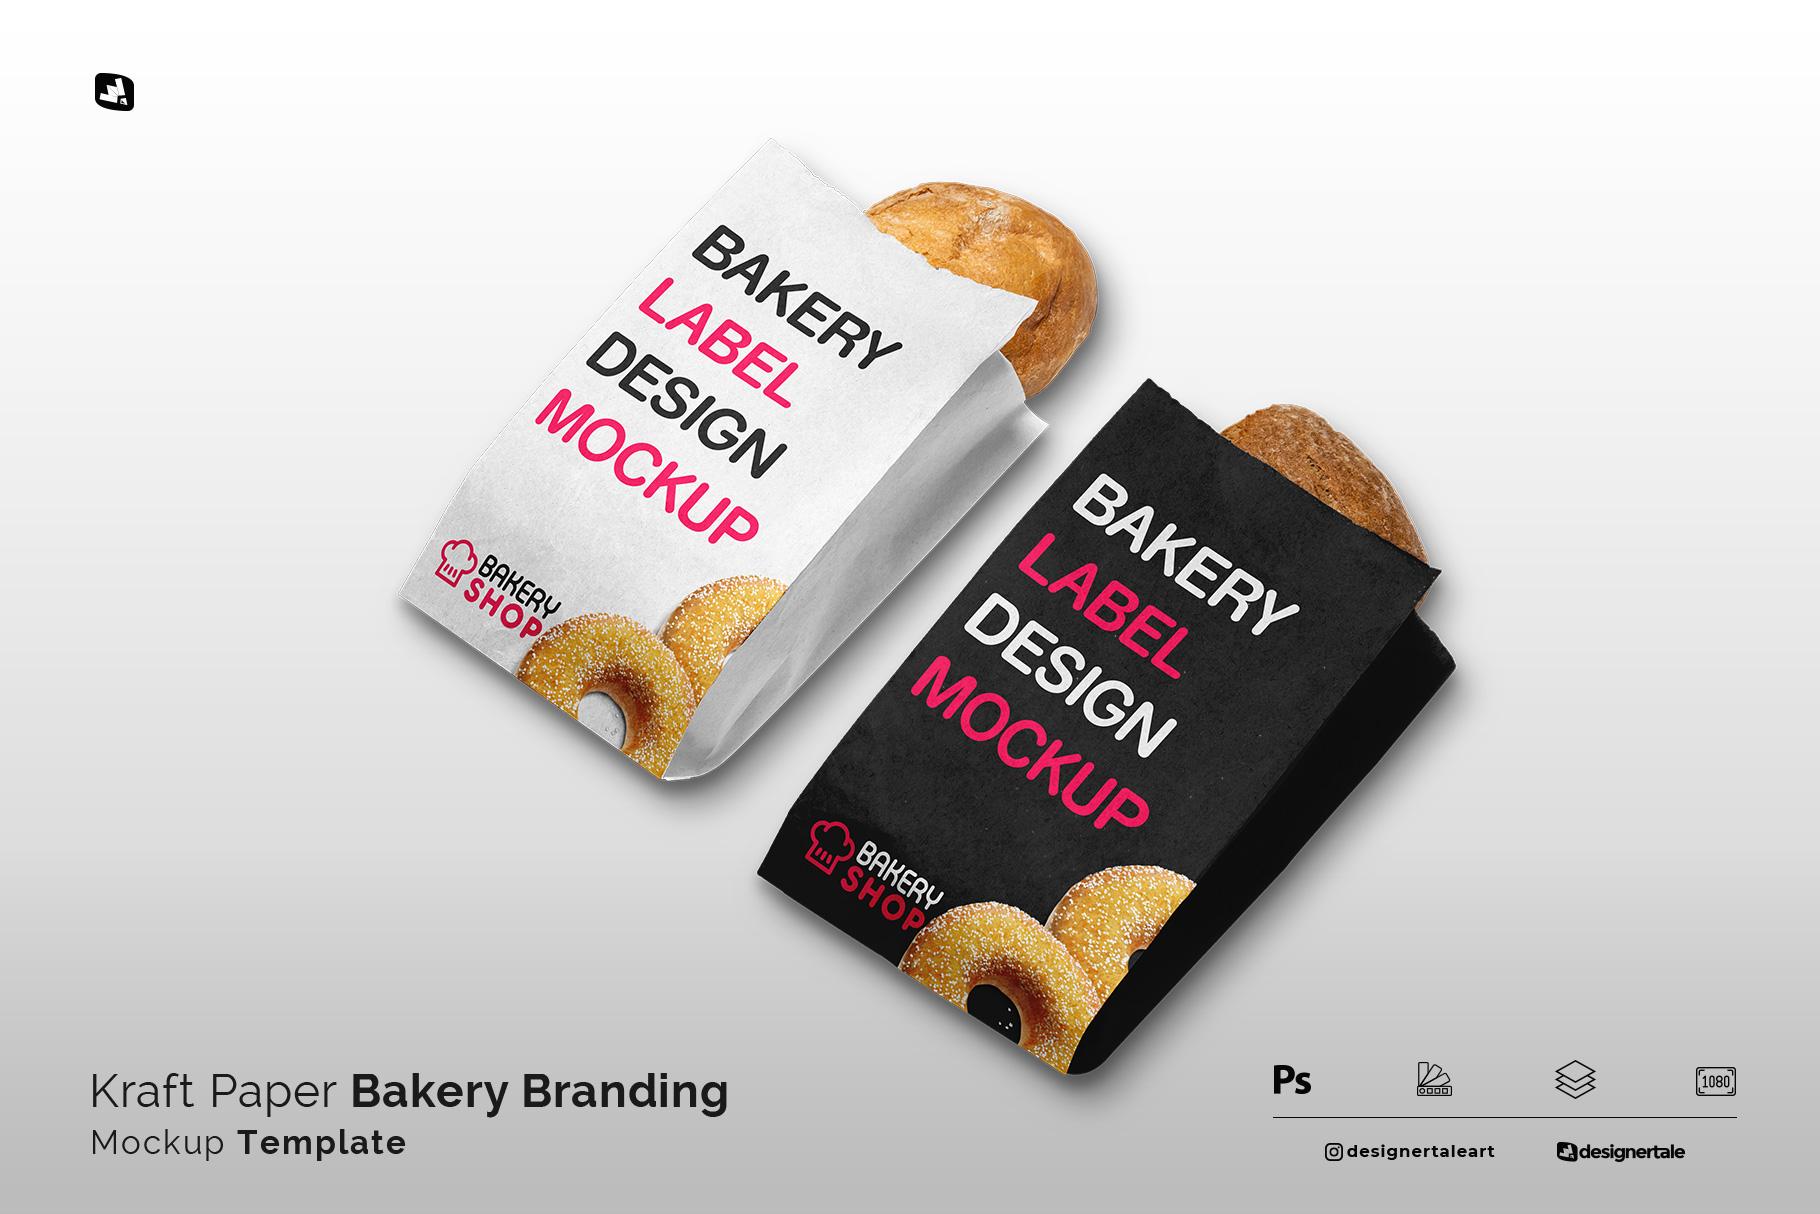 kraft paper bakery branding mockup